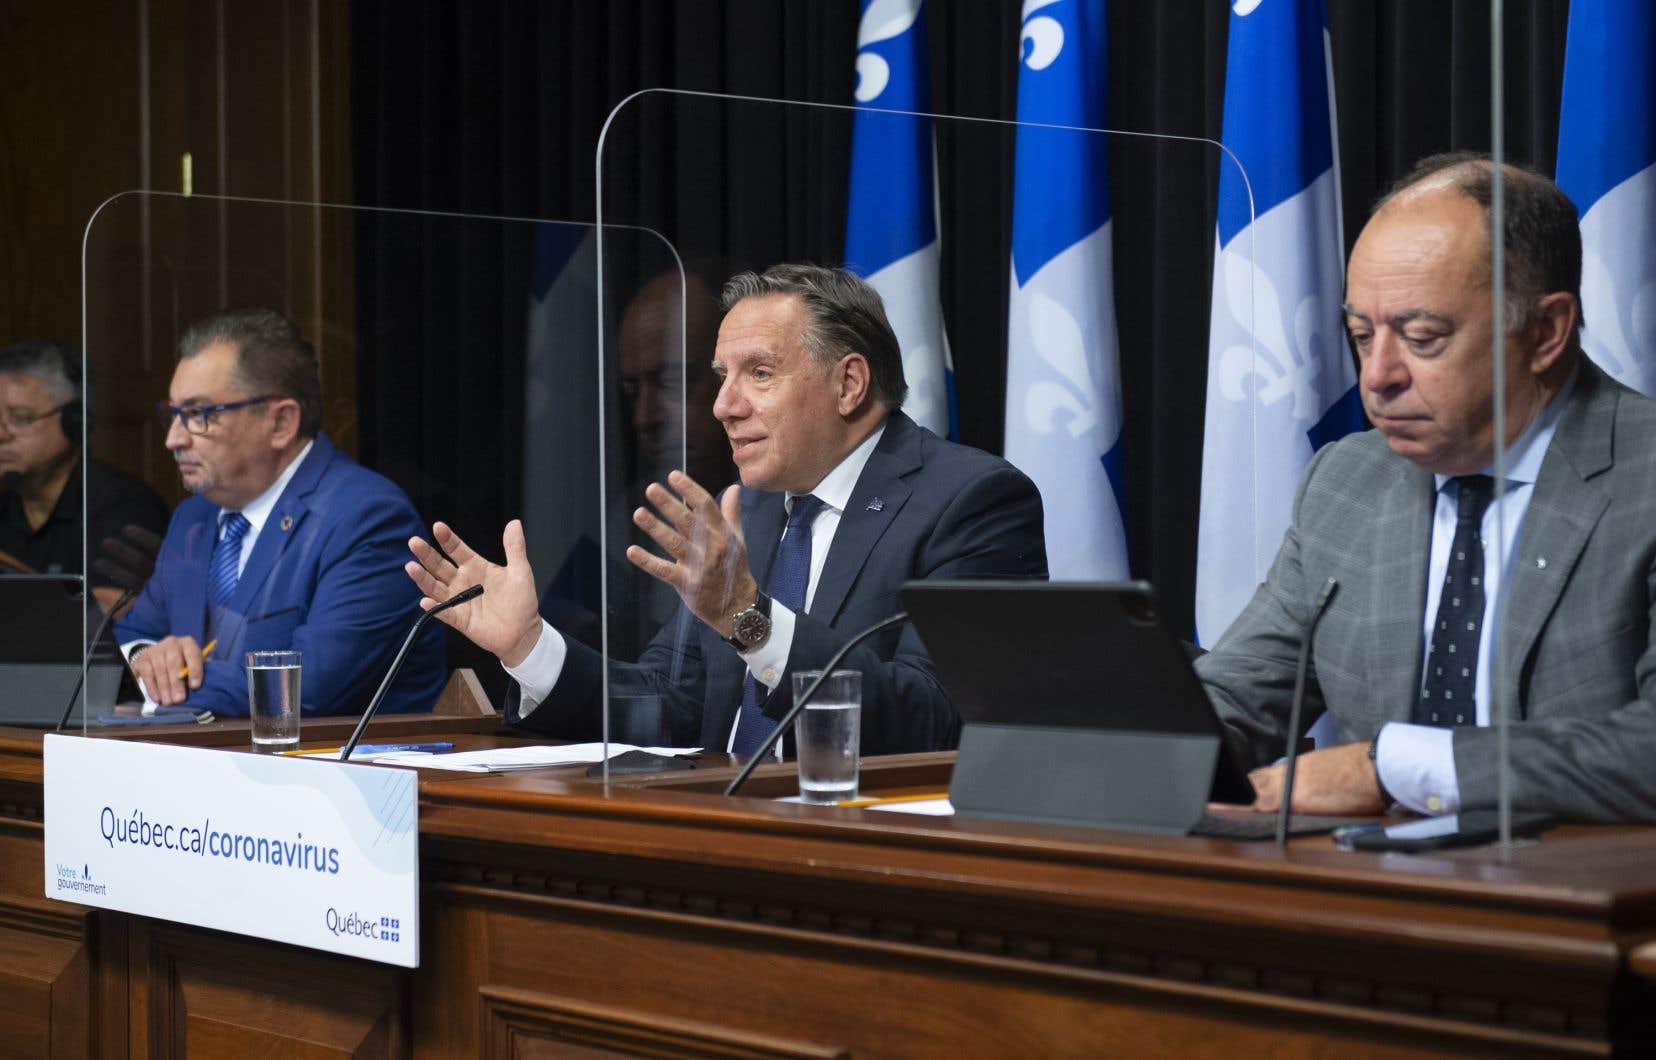 «L'augmentation récente du nombre de tests positifs fait vaciller la belle assurance que François Legault et ses ministres avaient réussi à retrouver», pense l'auteur.